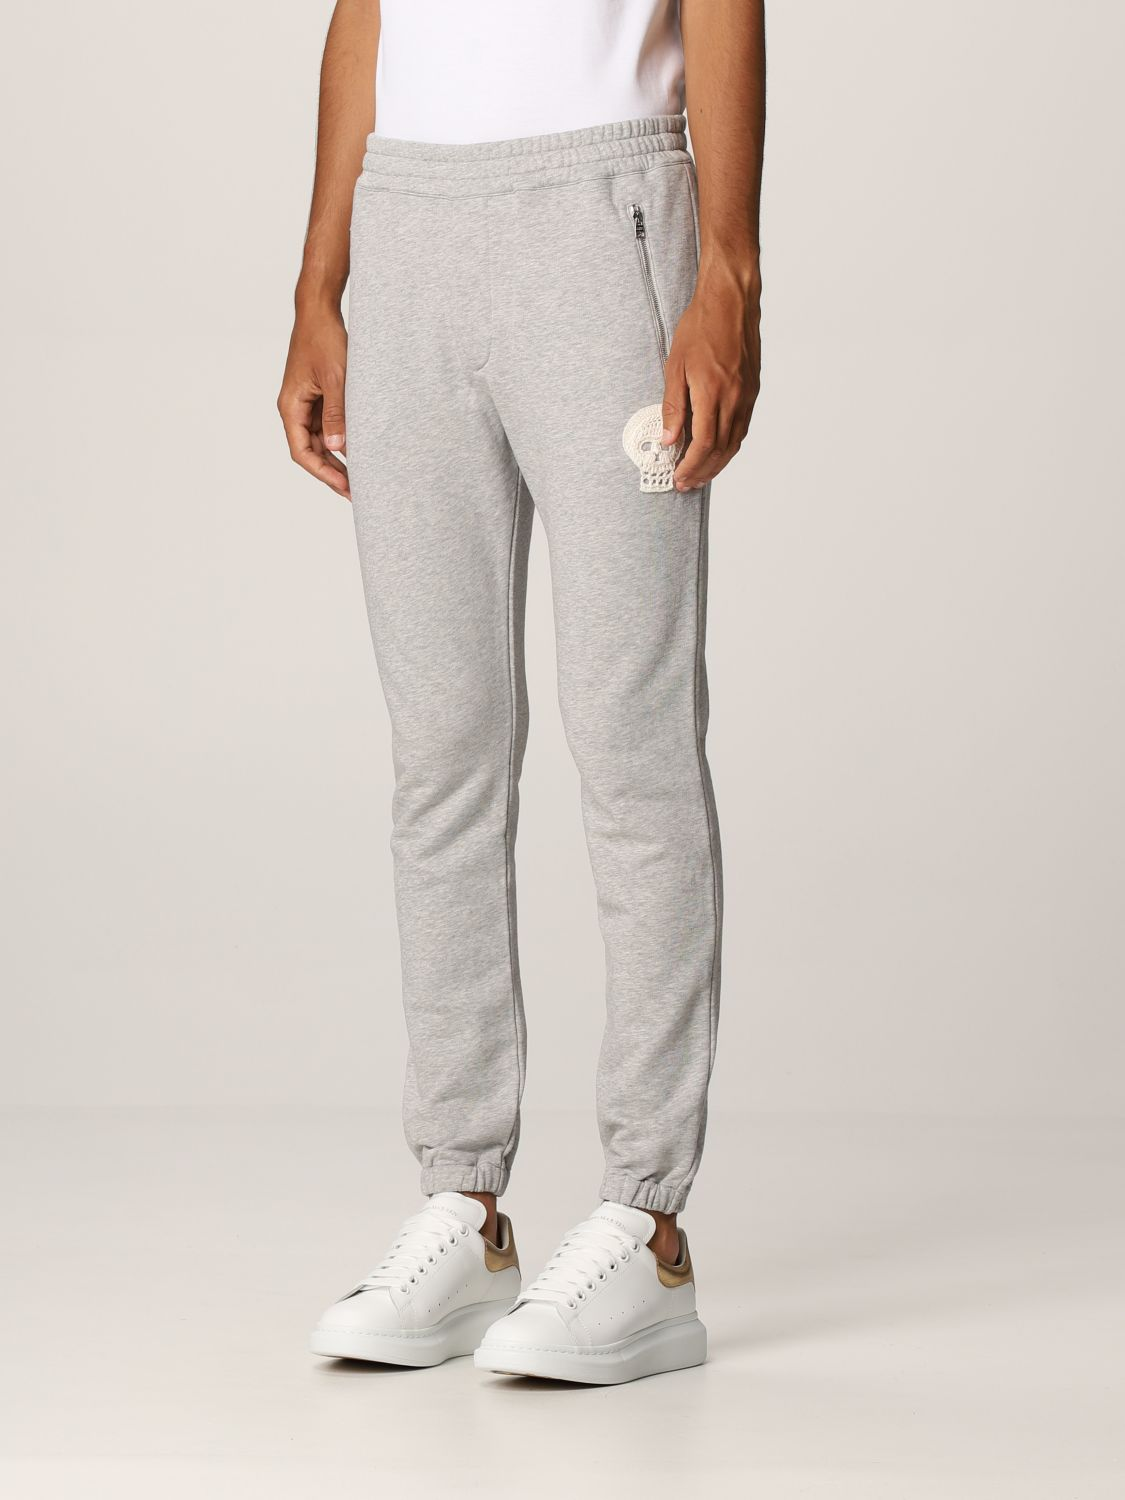 Pantalone Alexander Mcqueen: Pantalone jogging Alexander McQueen grigio 4